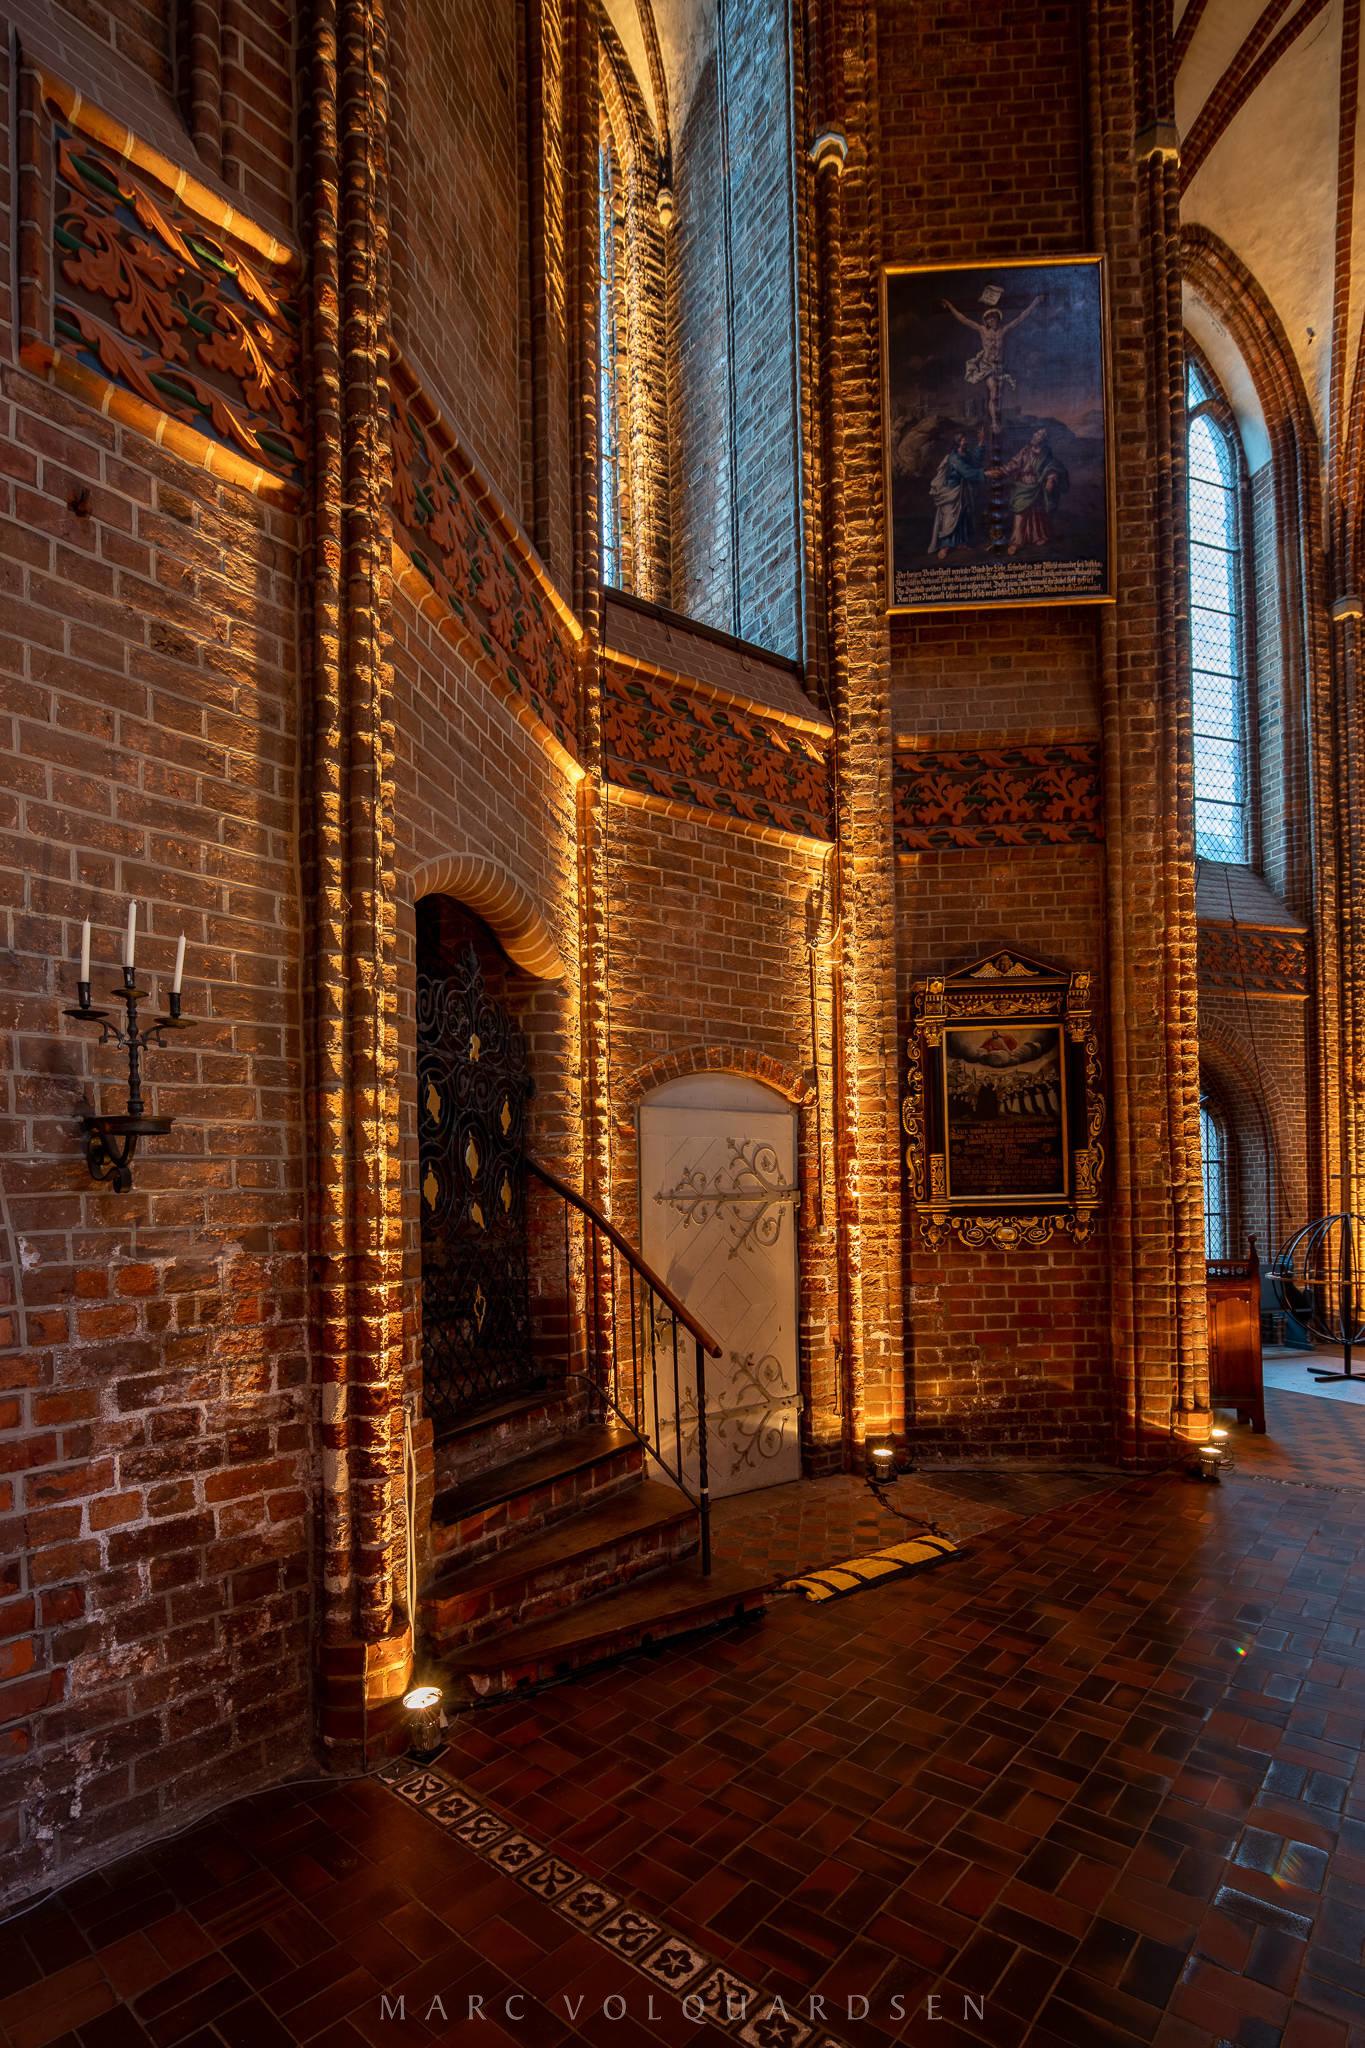 St. Nicolai - Illuminated Church (0104)